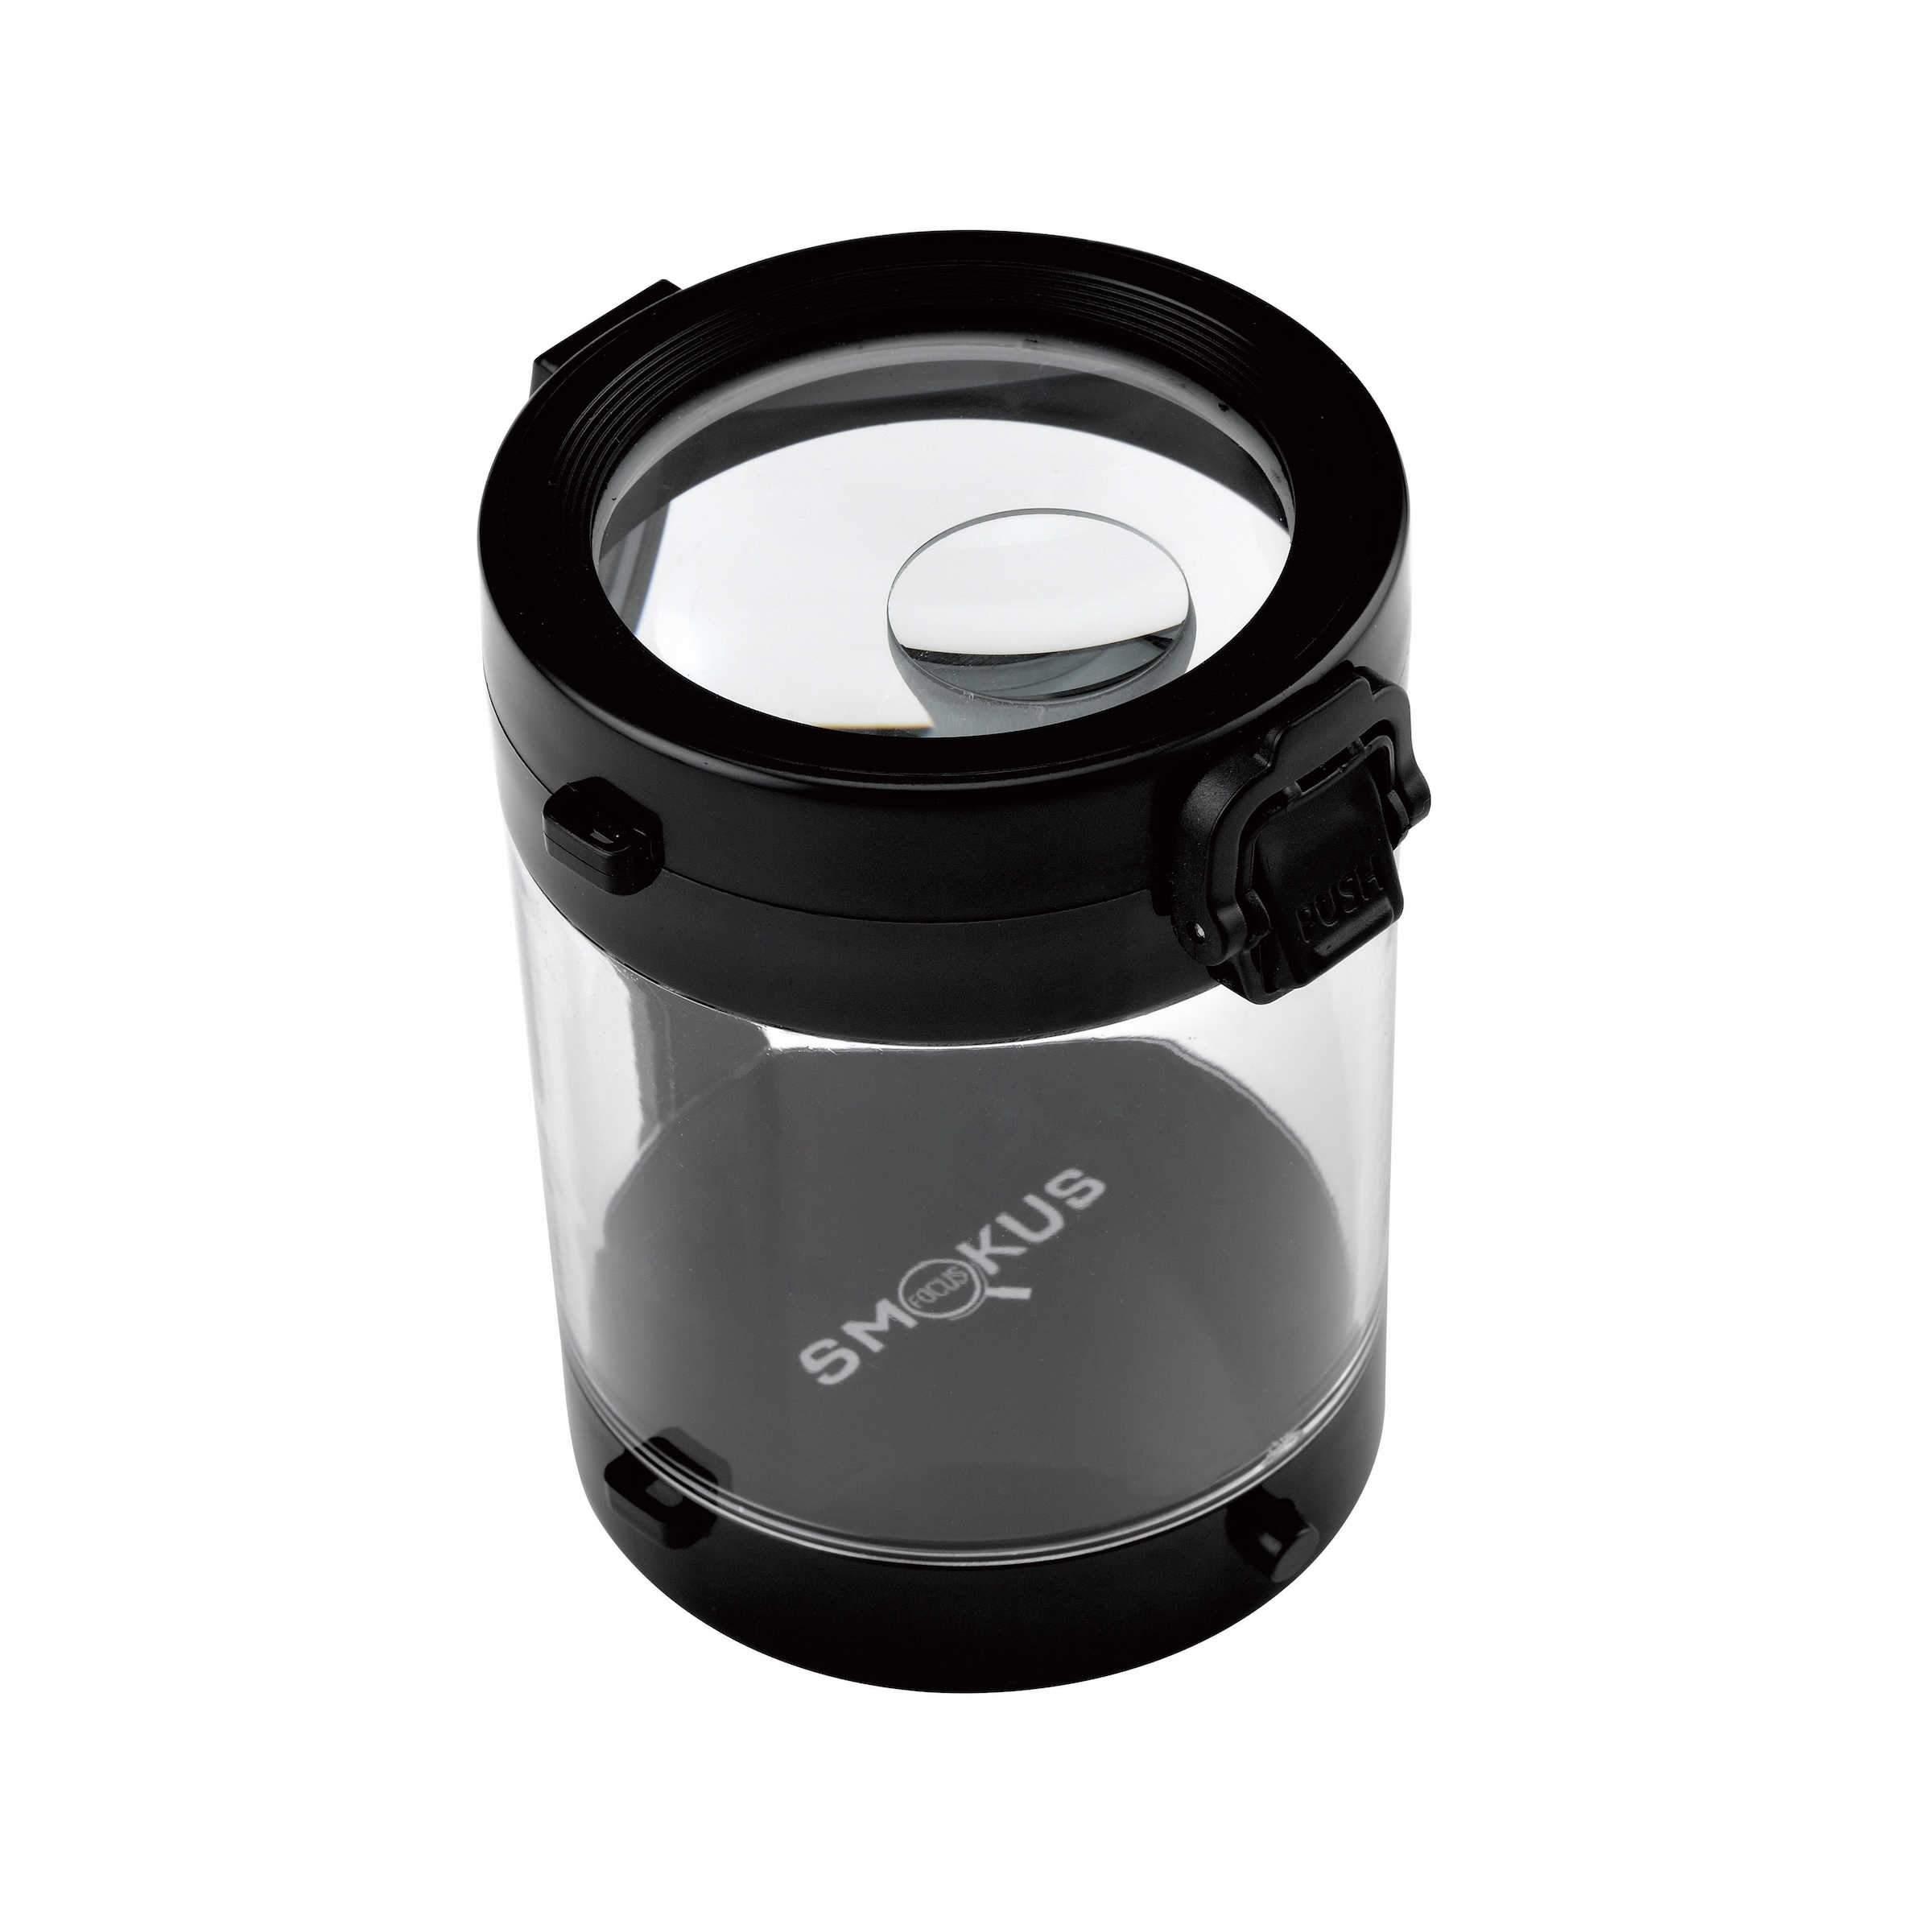 Smokus Focus Eclipse Jar